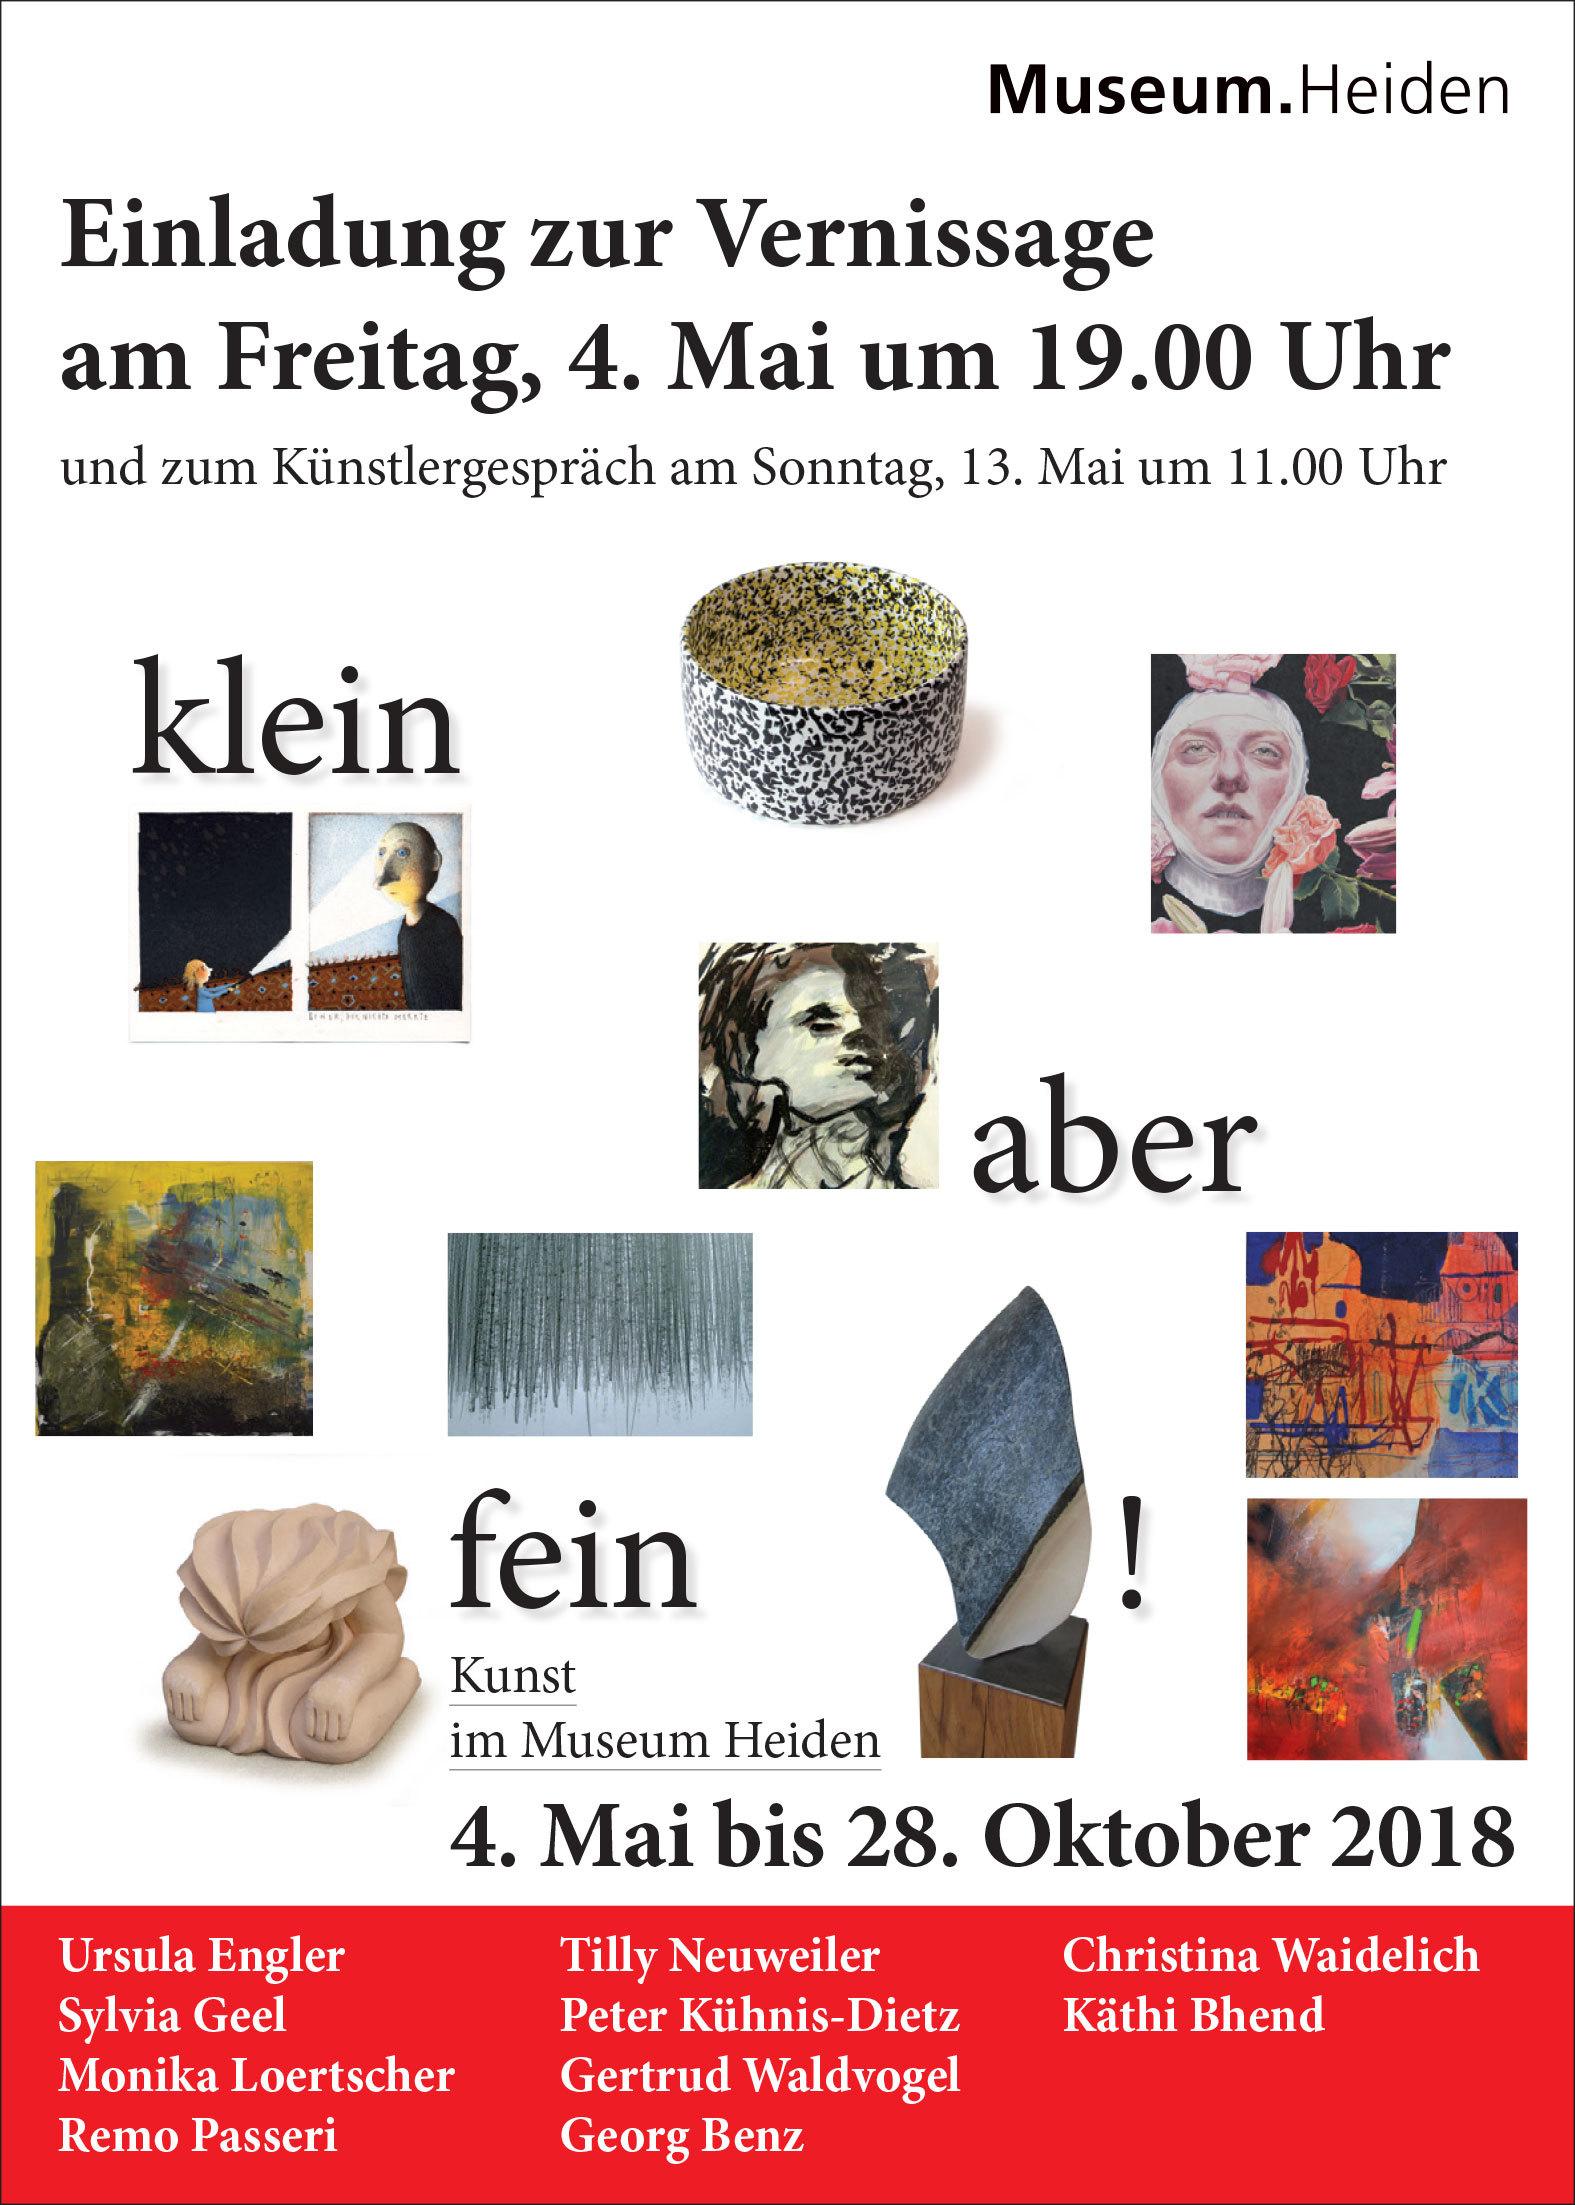 klein aber fein - Zehn Heidler Kulturschaffende präsentieren ihre Werke